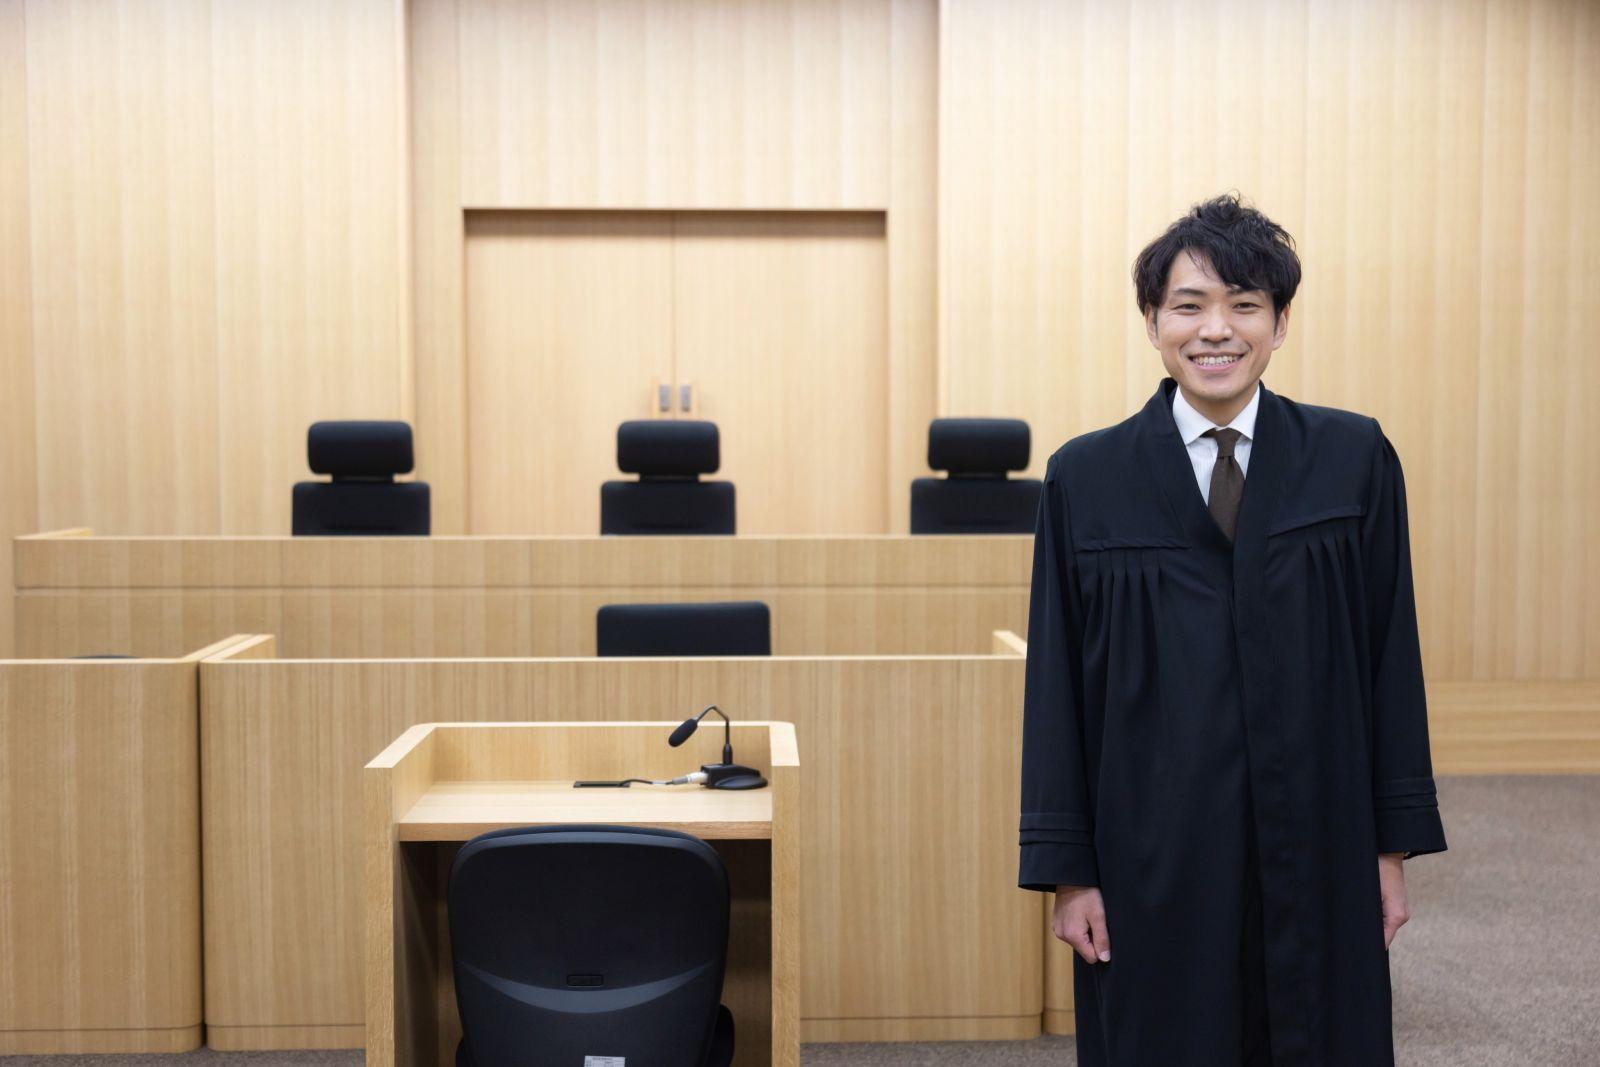 02/裁判所 書記官 阿部伸太郎さん 福岡高等裁判所勤務